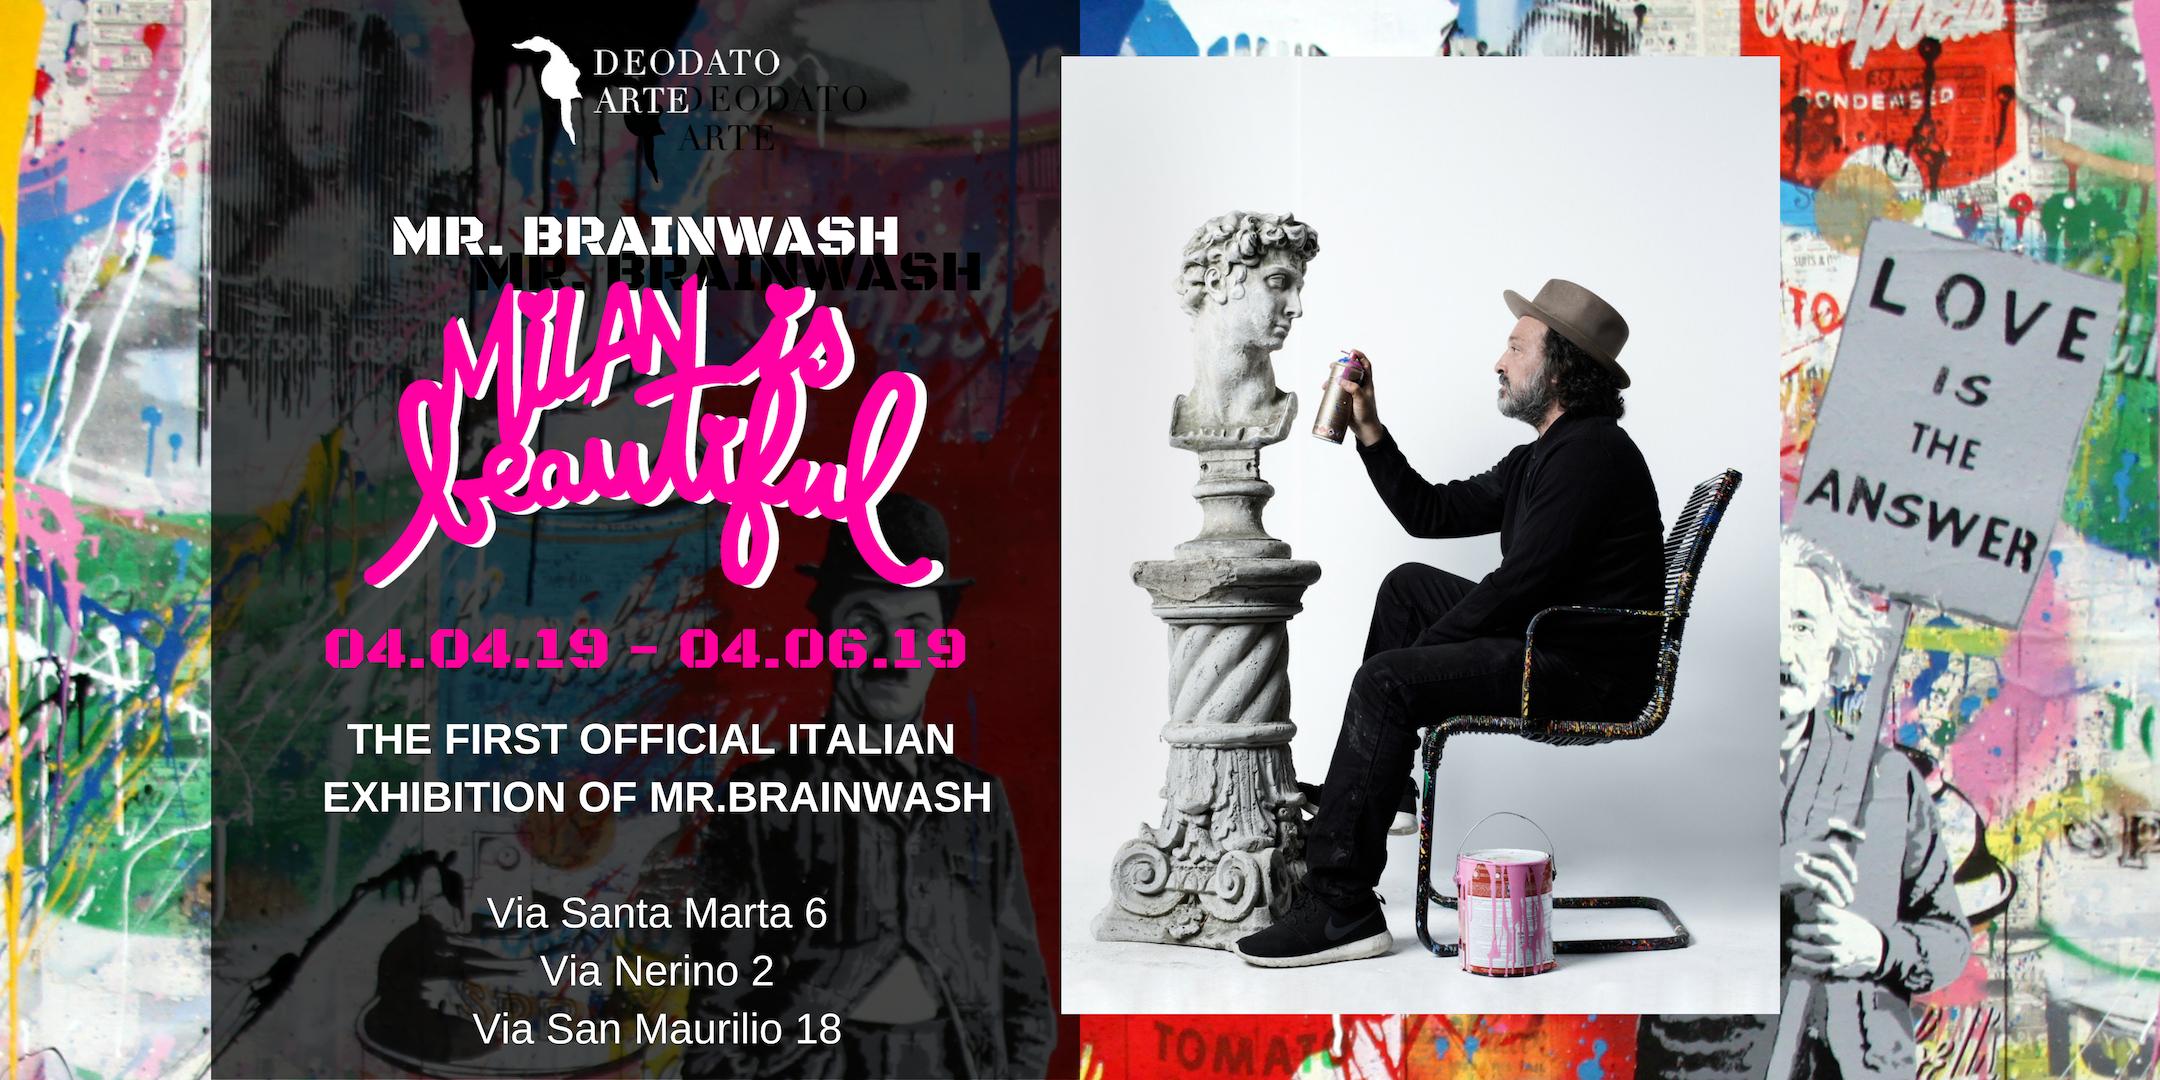 MILAN is beautiful - Mr.Brainwash